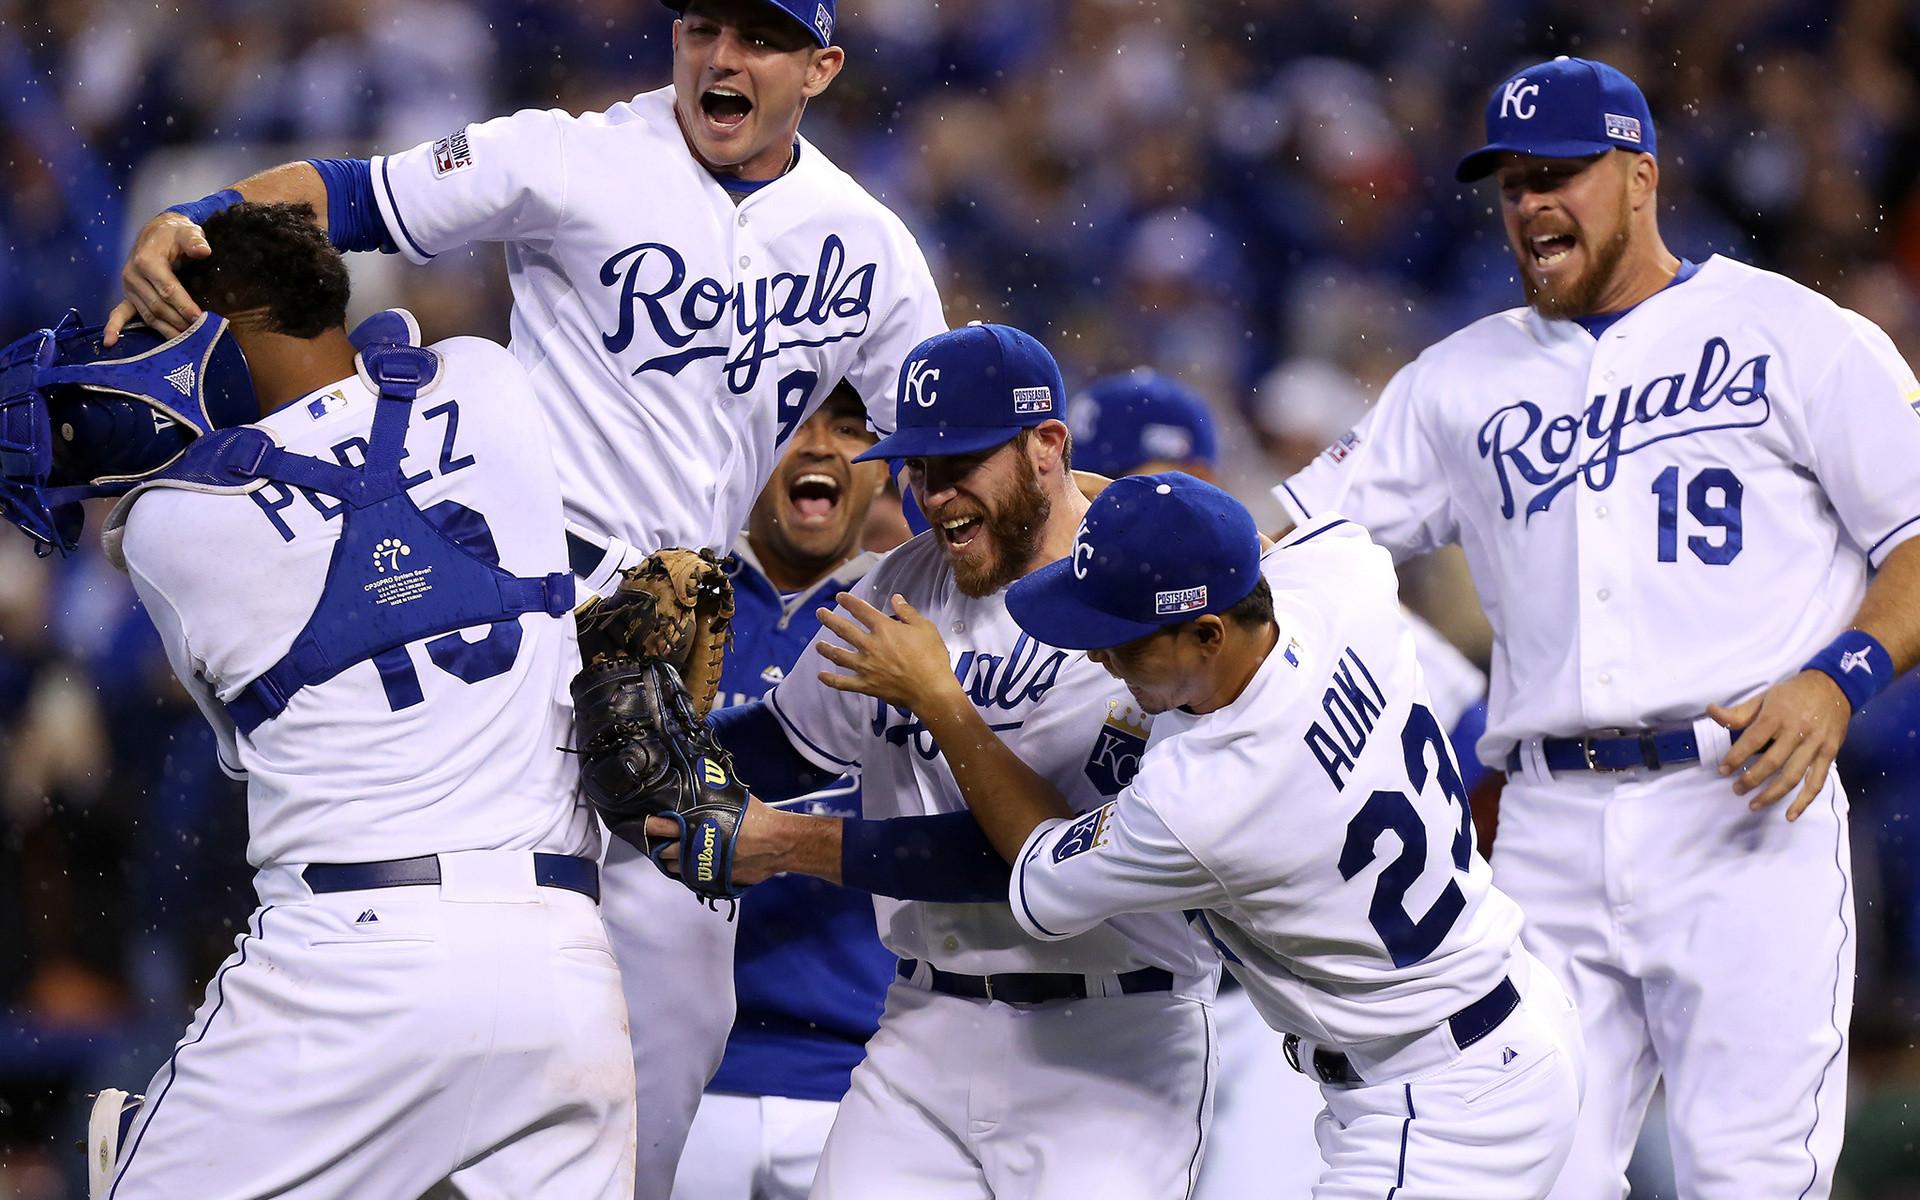 Kansas City Royals, Mlb, Baseball Players, Sports, Kansas City Royals  Baseball Players